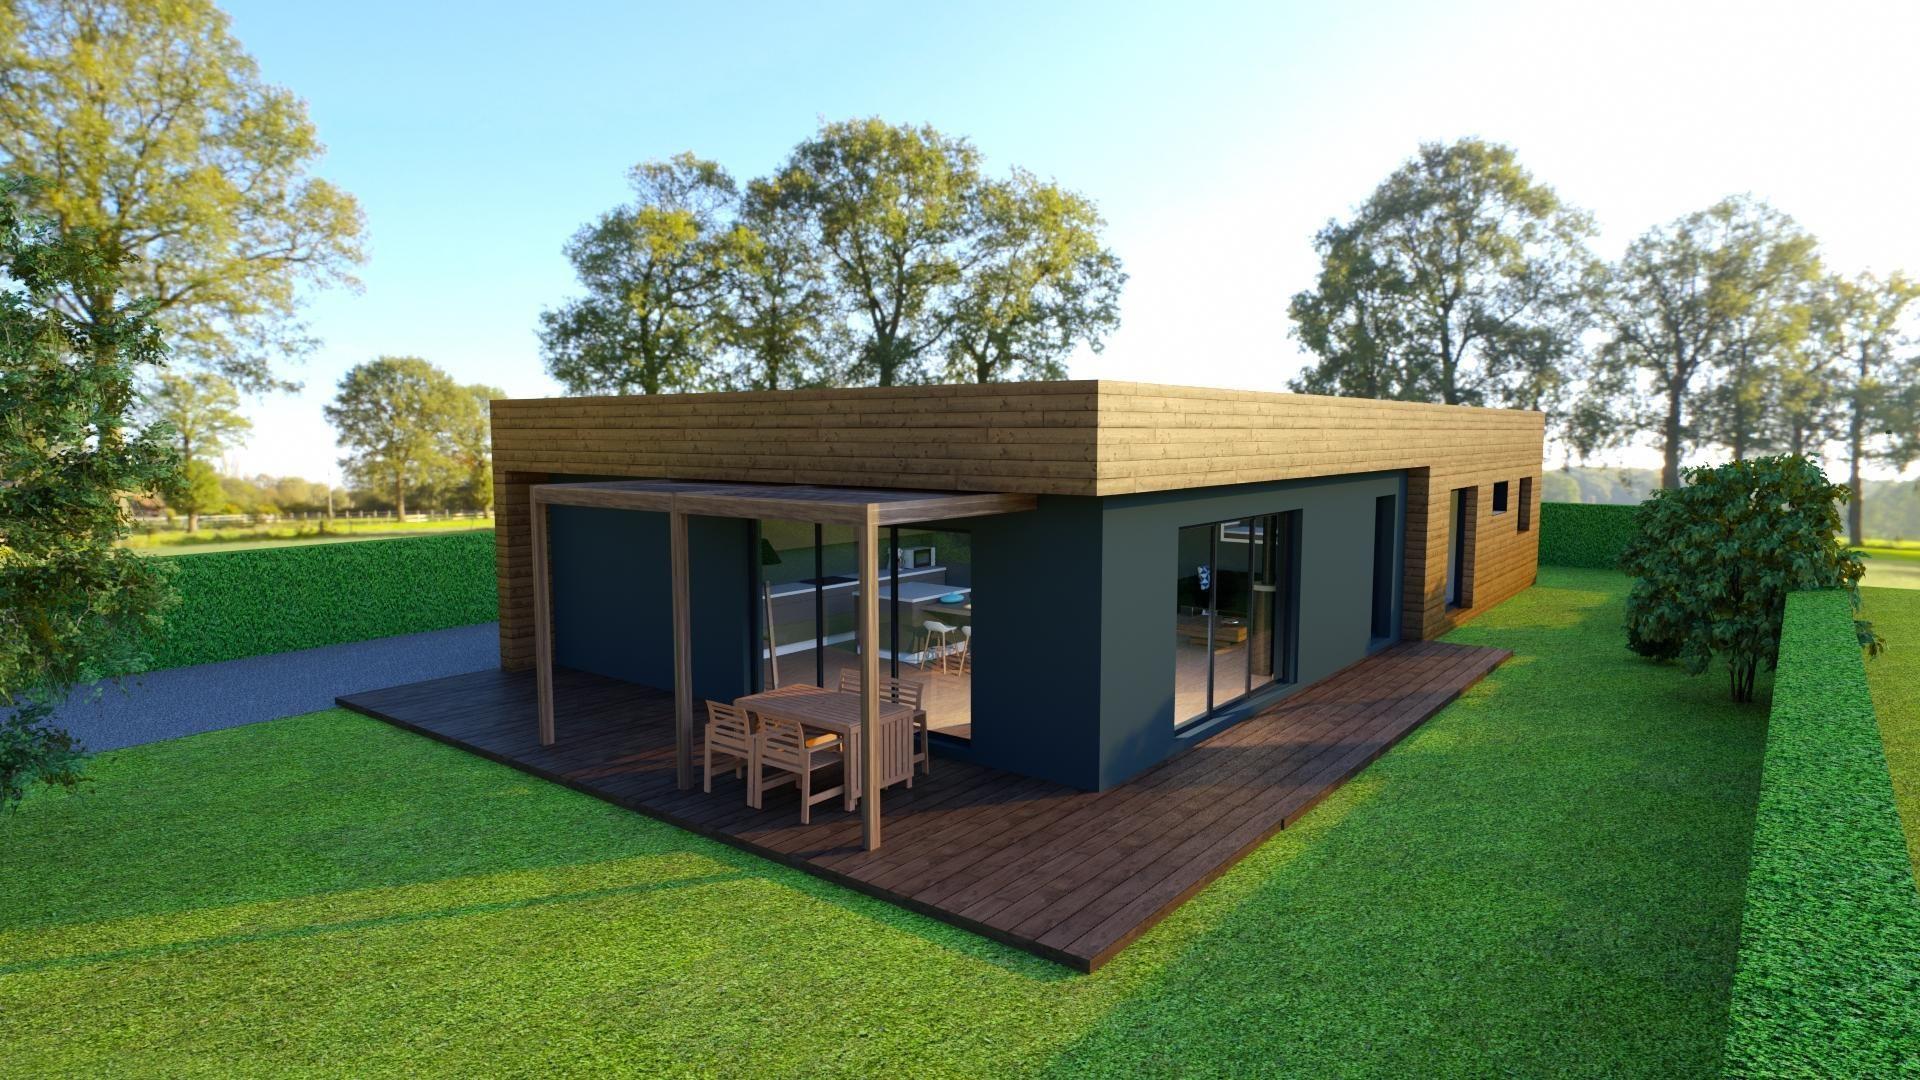 Les avantages de la maison modulable